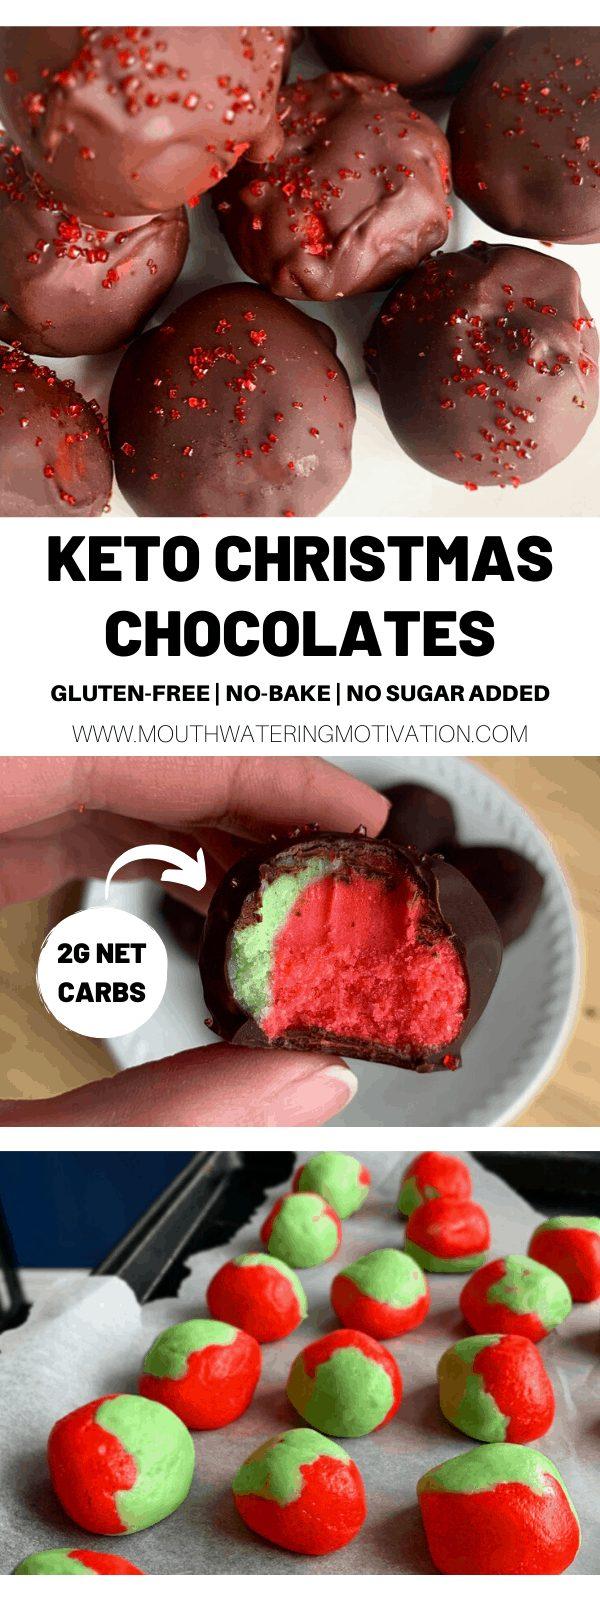 KETO CHRISTMAS CHOCOLATES (1).png